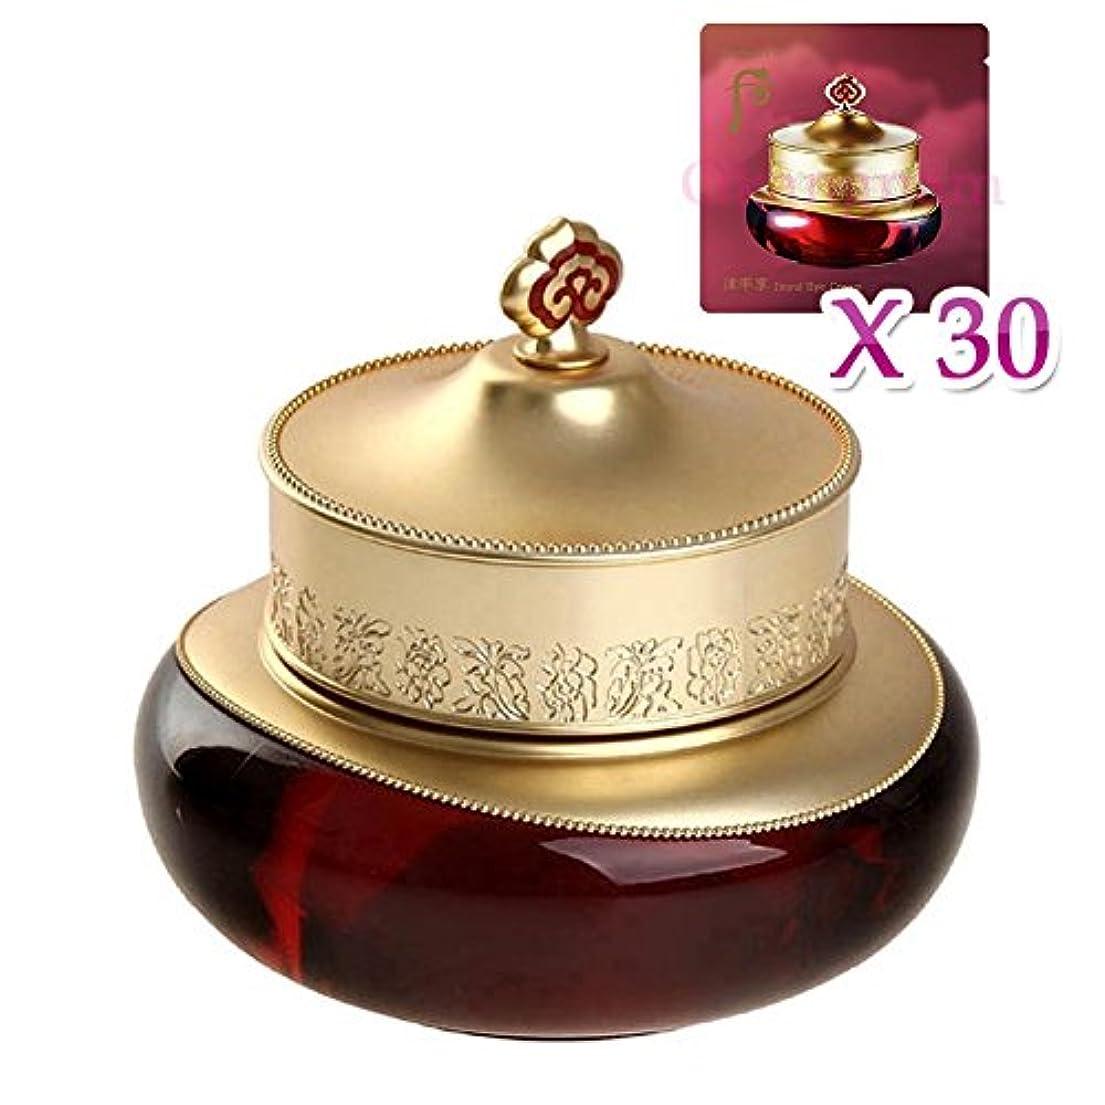 家禽小学生秘書【フー/ The history of whoo] Whoo 后 GYH05 Jinyul Cream / 后(フー)ゴンジンヒャン 津率(ジンユル)クリーム50ml + [Sample Gift](海外直送品)